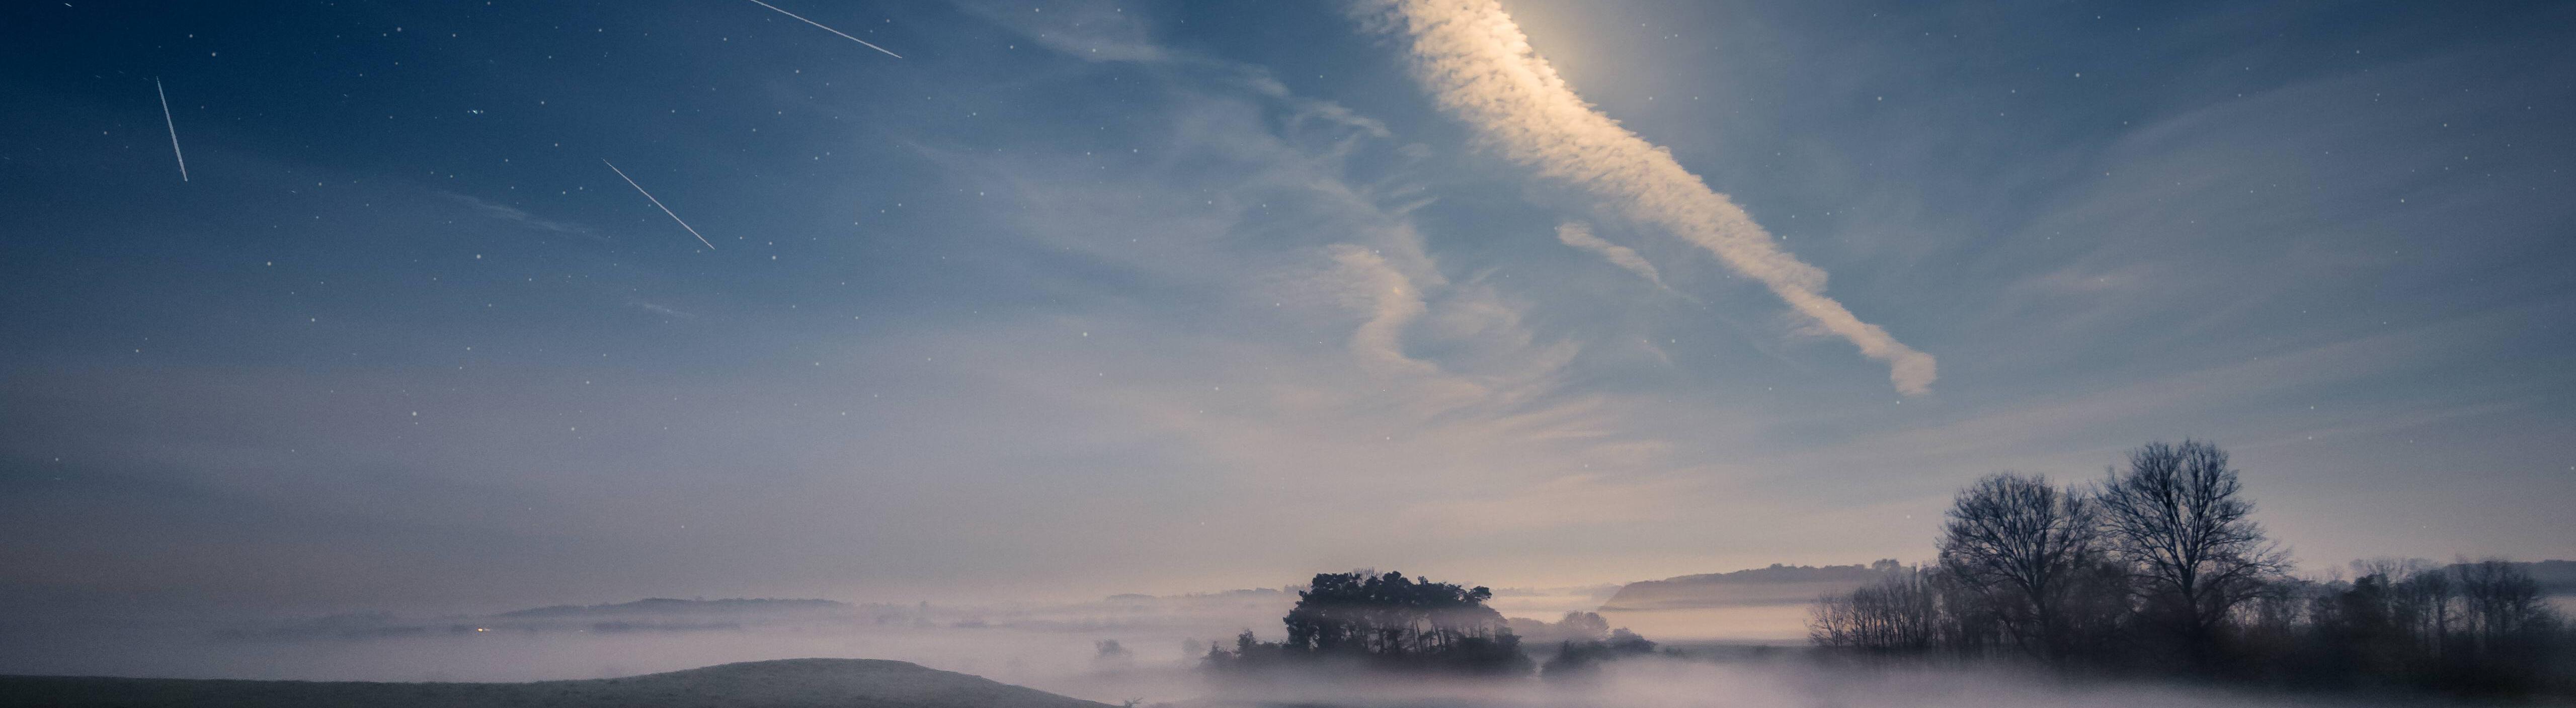 Vergleichbar mit dem Himmelsphänomen in Süddeutschland: Meteorschauer über Dänemark im September 2017